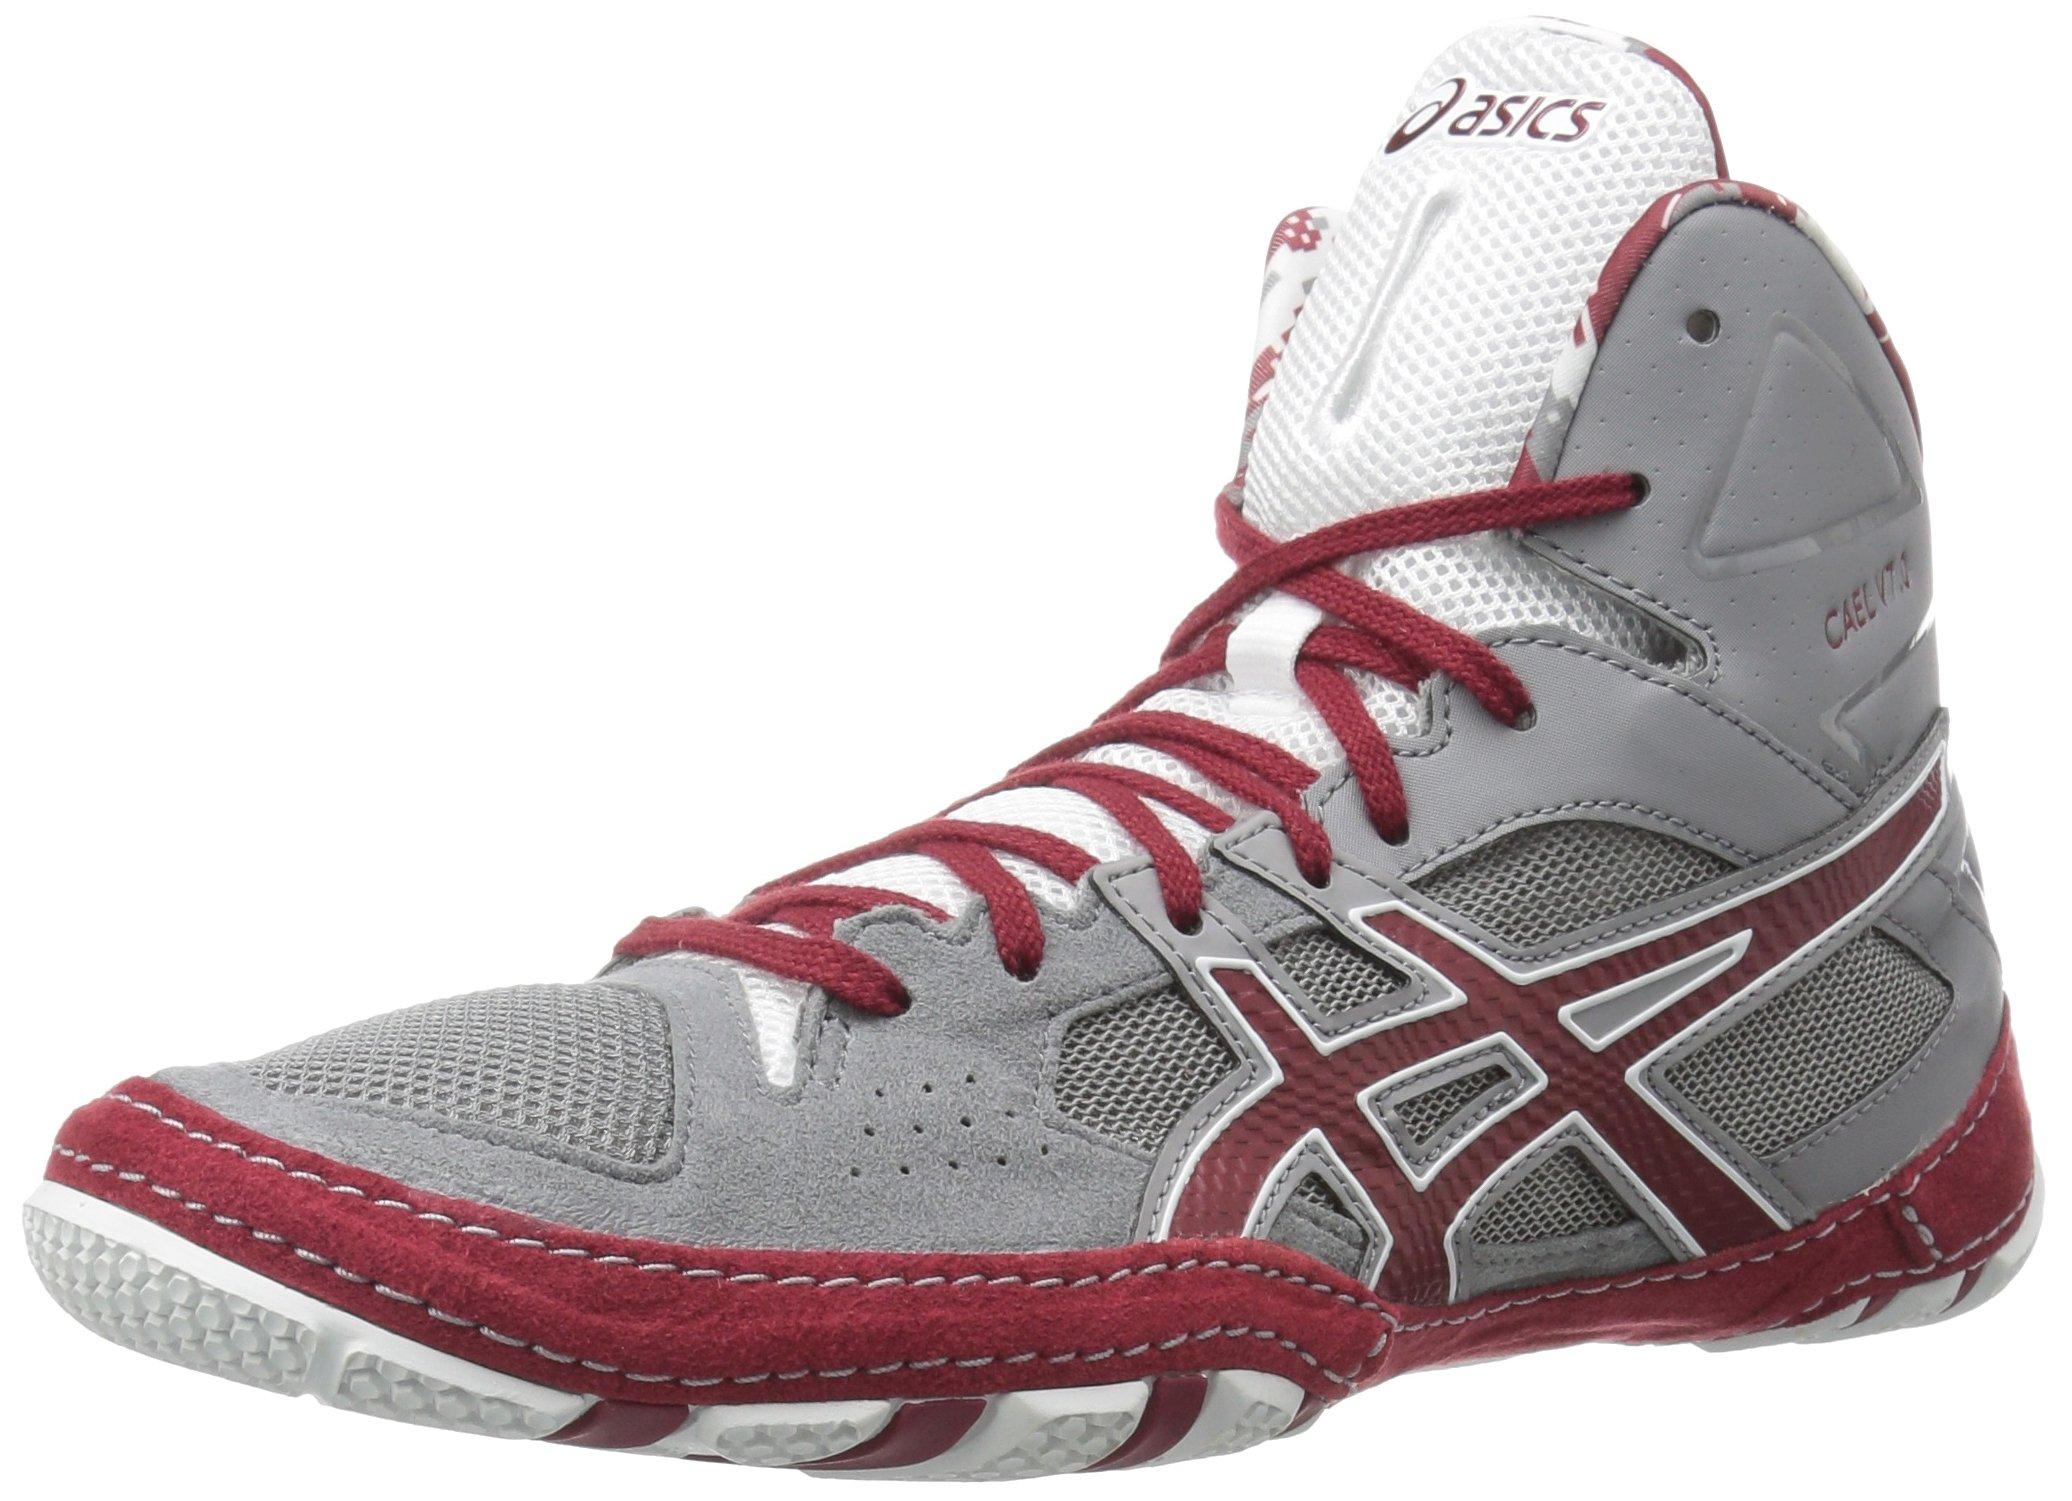 ASICS Mens Cael V7.0 Wrestling Shoe, Aluminum/Burgundy/White, 7.5 Medium US by ASICS